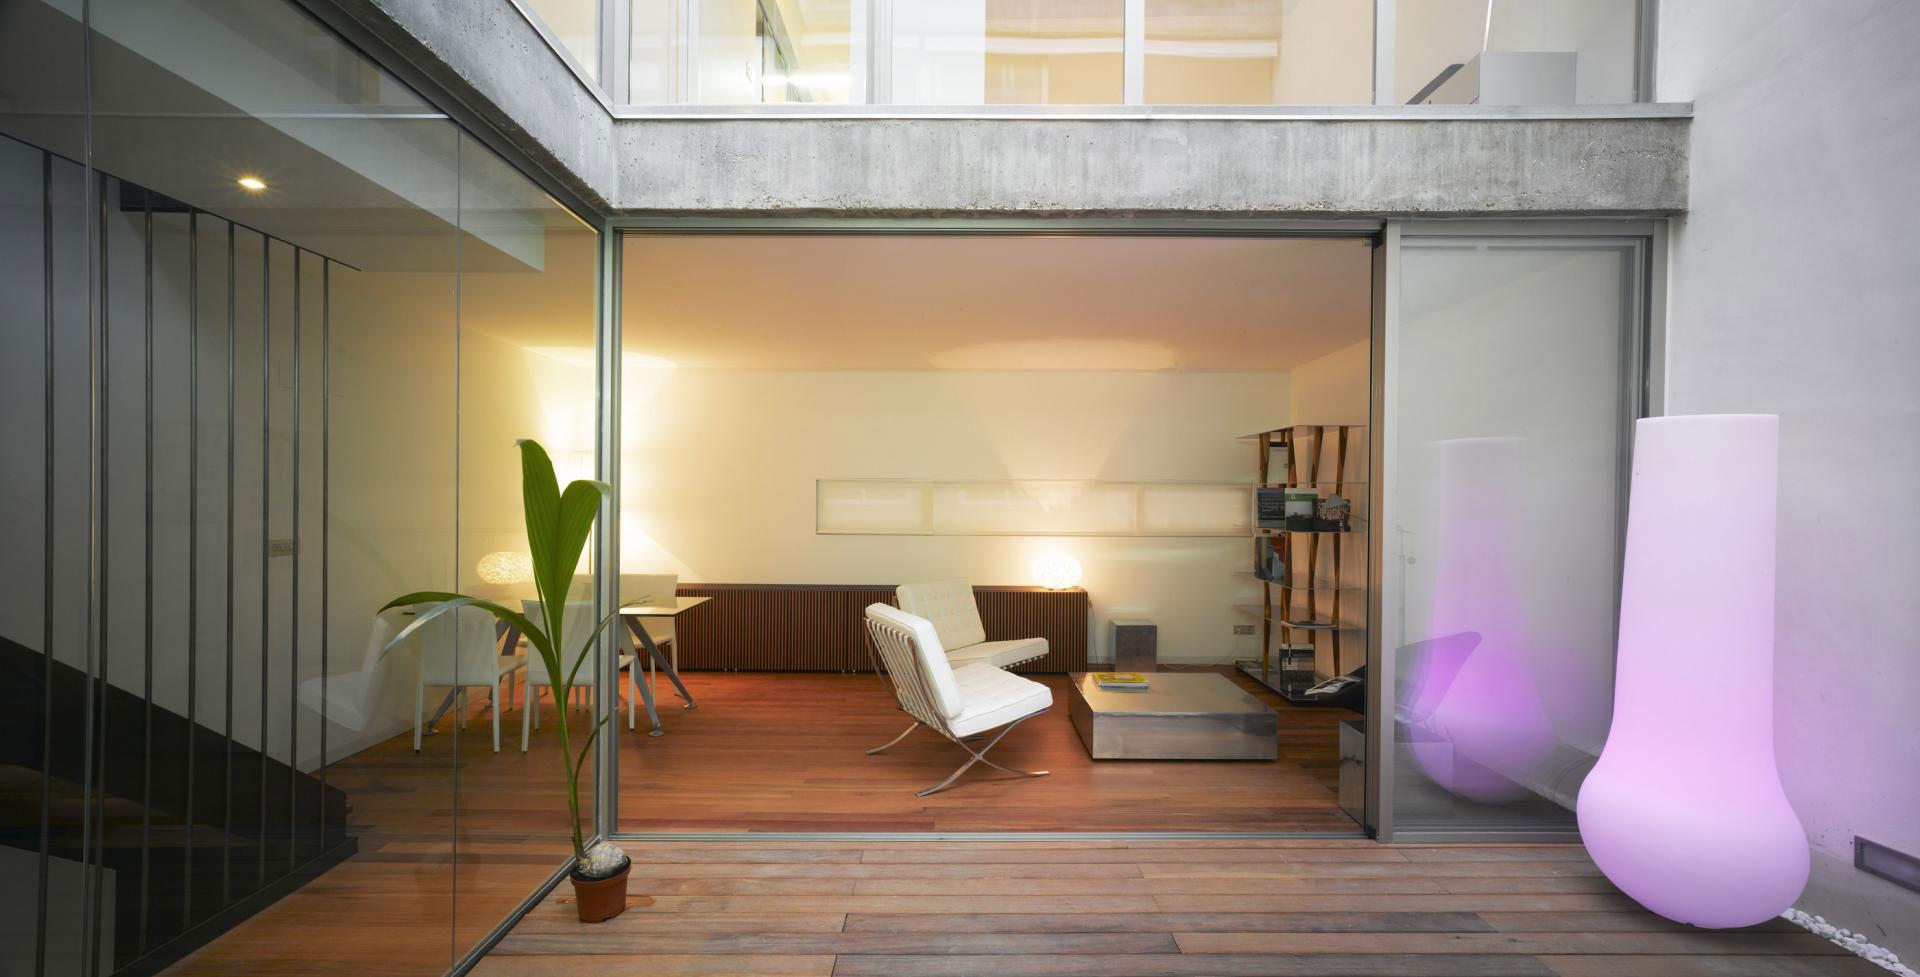 Интерьер испанского дома: вертикальная планировка и просторная терраса